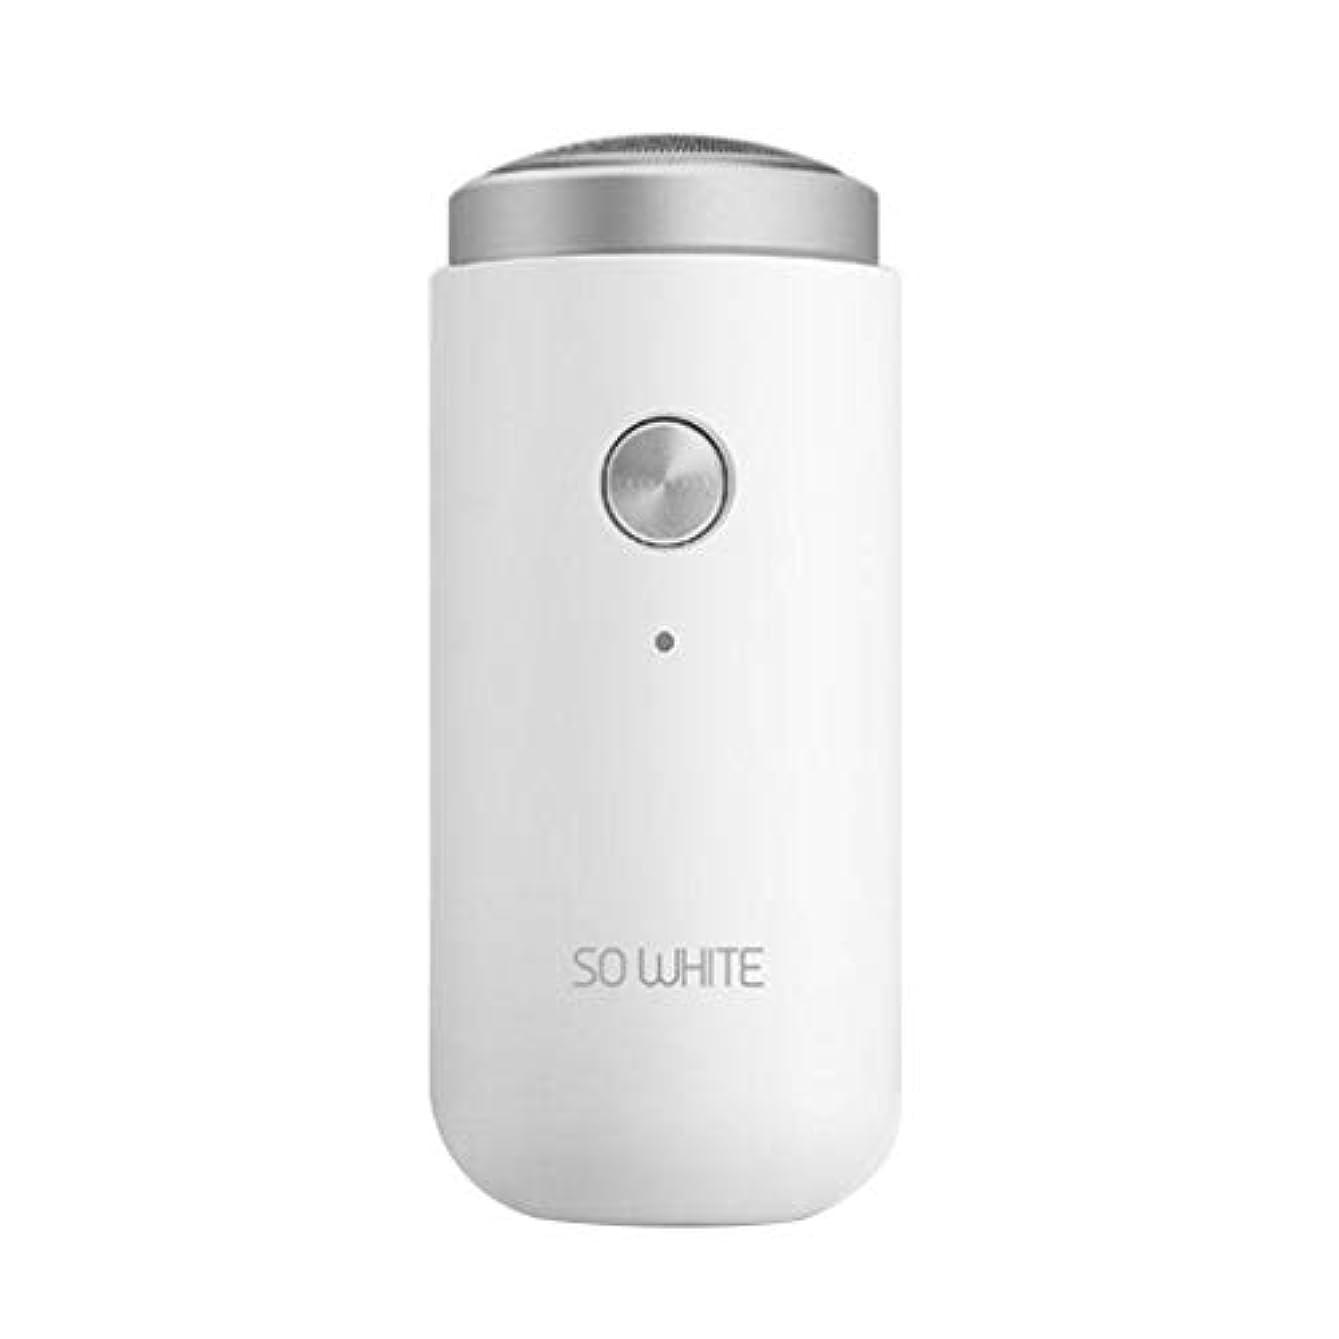 荒野横パイルA69Qホワイトミニポータブル電気シェーバー メンズ 防水 USB充電 ひげそり 電気カミソリ 水洗い お風呂剃り可 ウェット ドライに適用 (ホワイト)